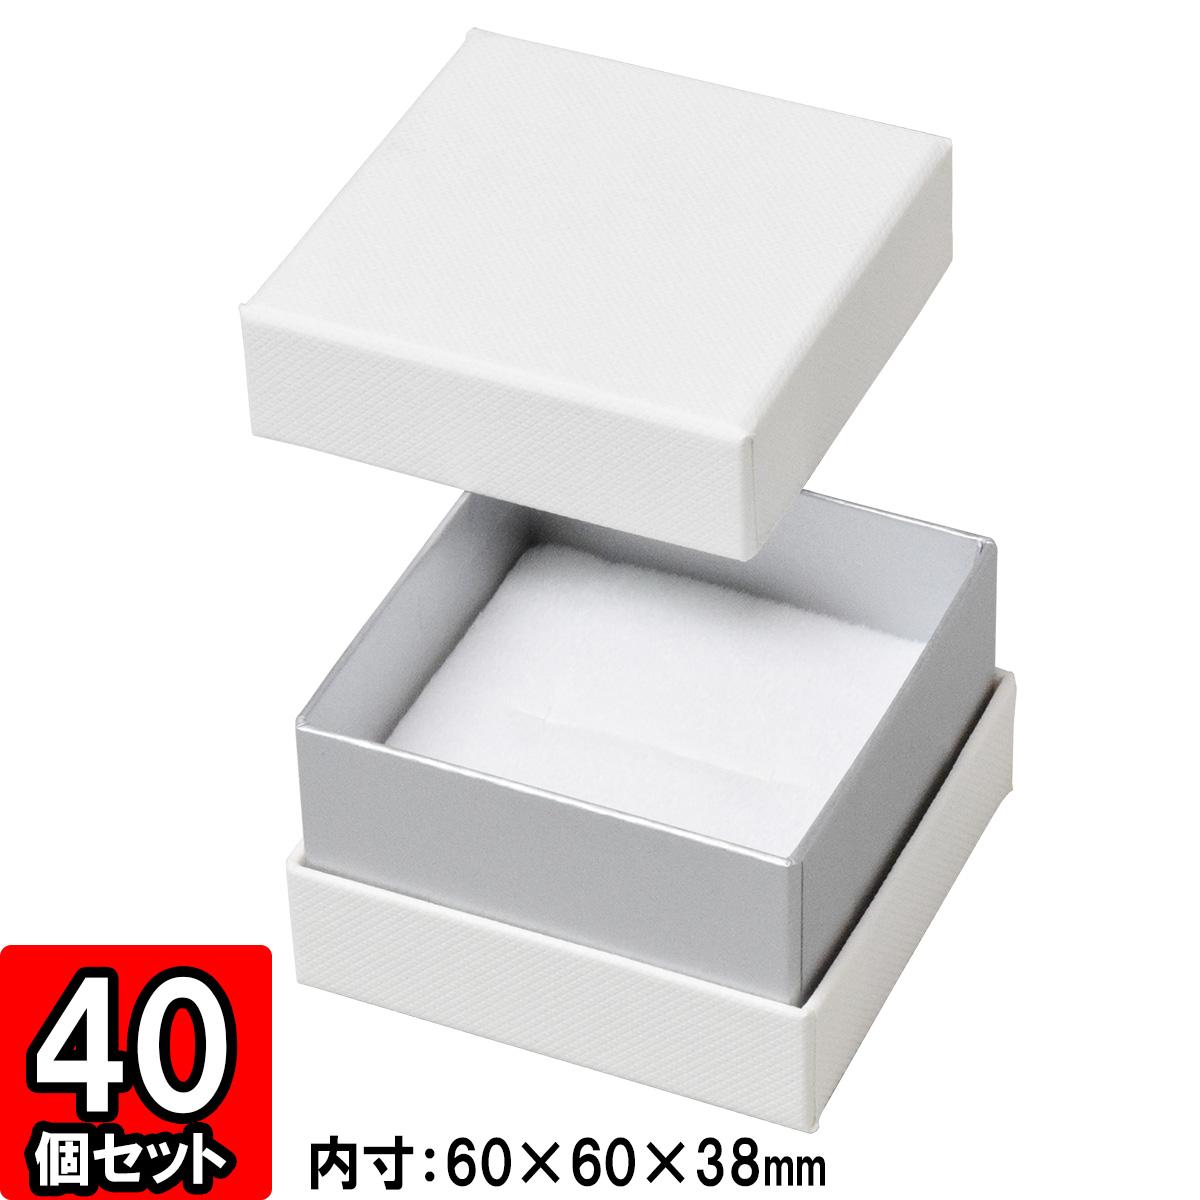 【※メーカー直送品につき代引不可】COMBI BOX【7150REP】【白】 40個セット ジュエリーボックス ギフトボックス アクセサリーボックス ギフト プレゼント 宝石 箱 リング 指輪 イヤリング ピアス jewelry box gift box accessory box